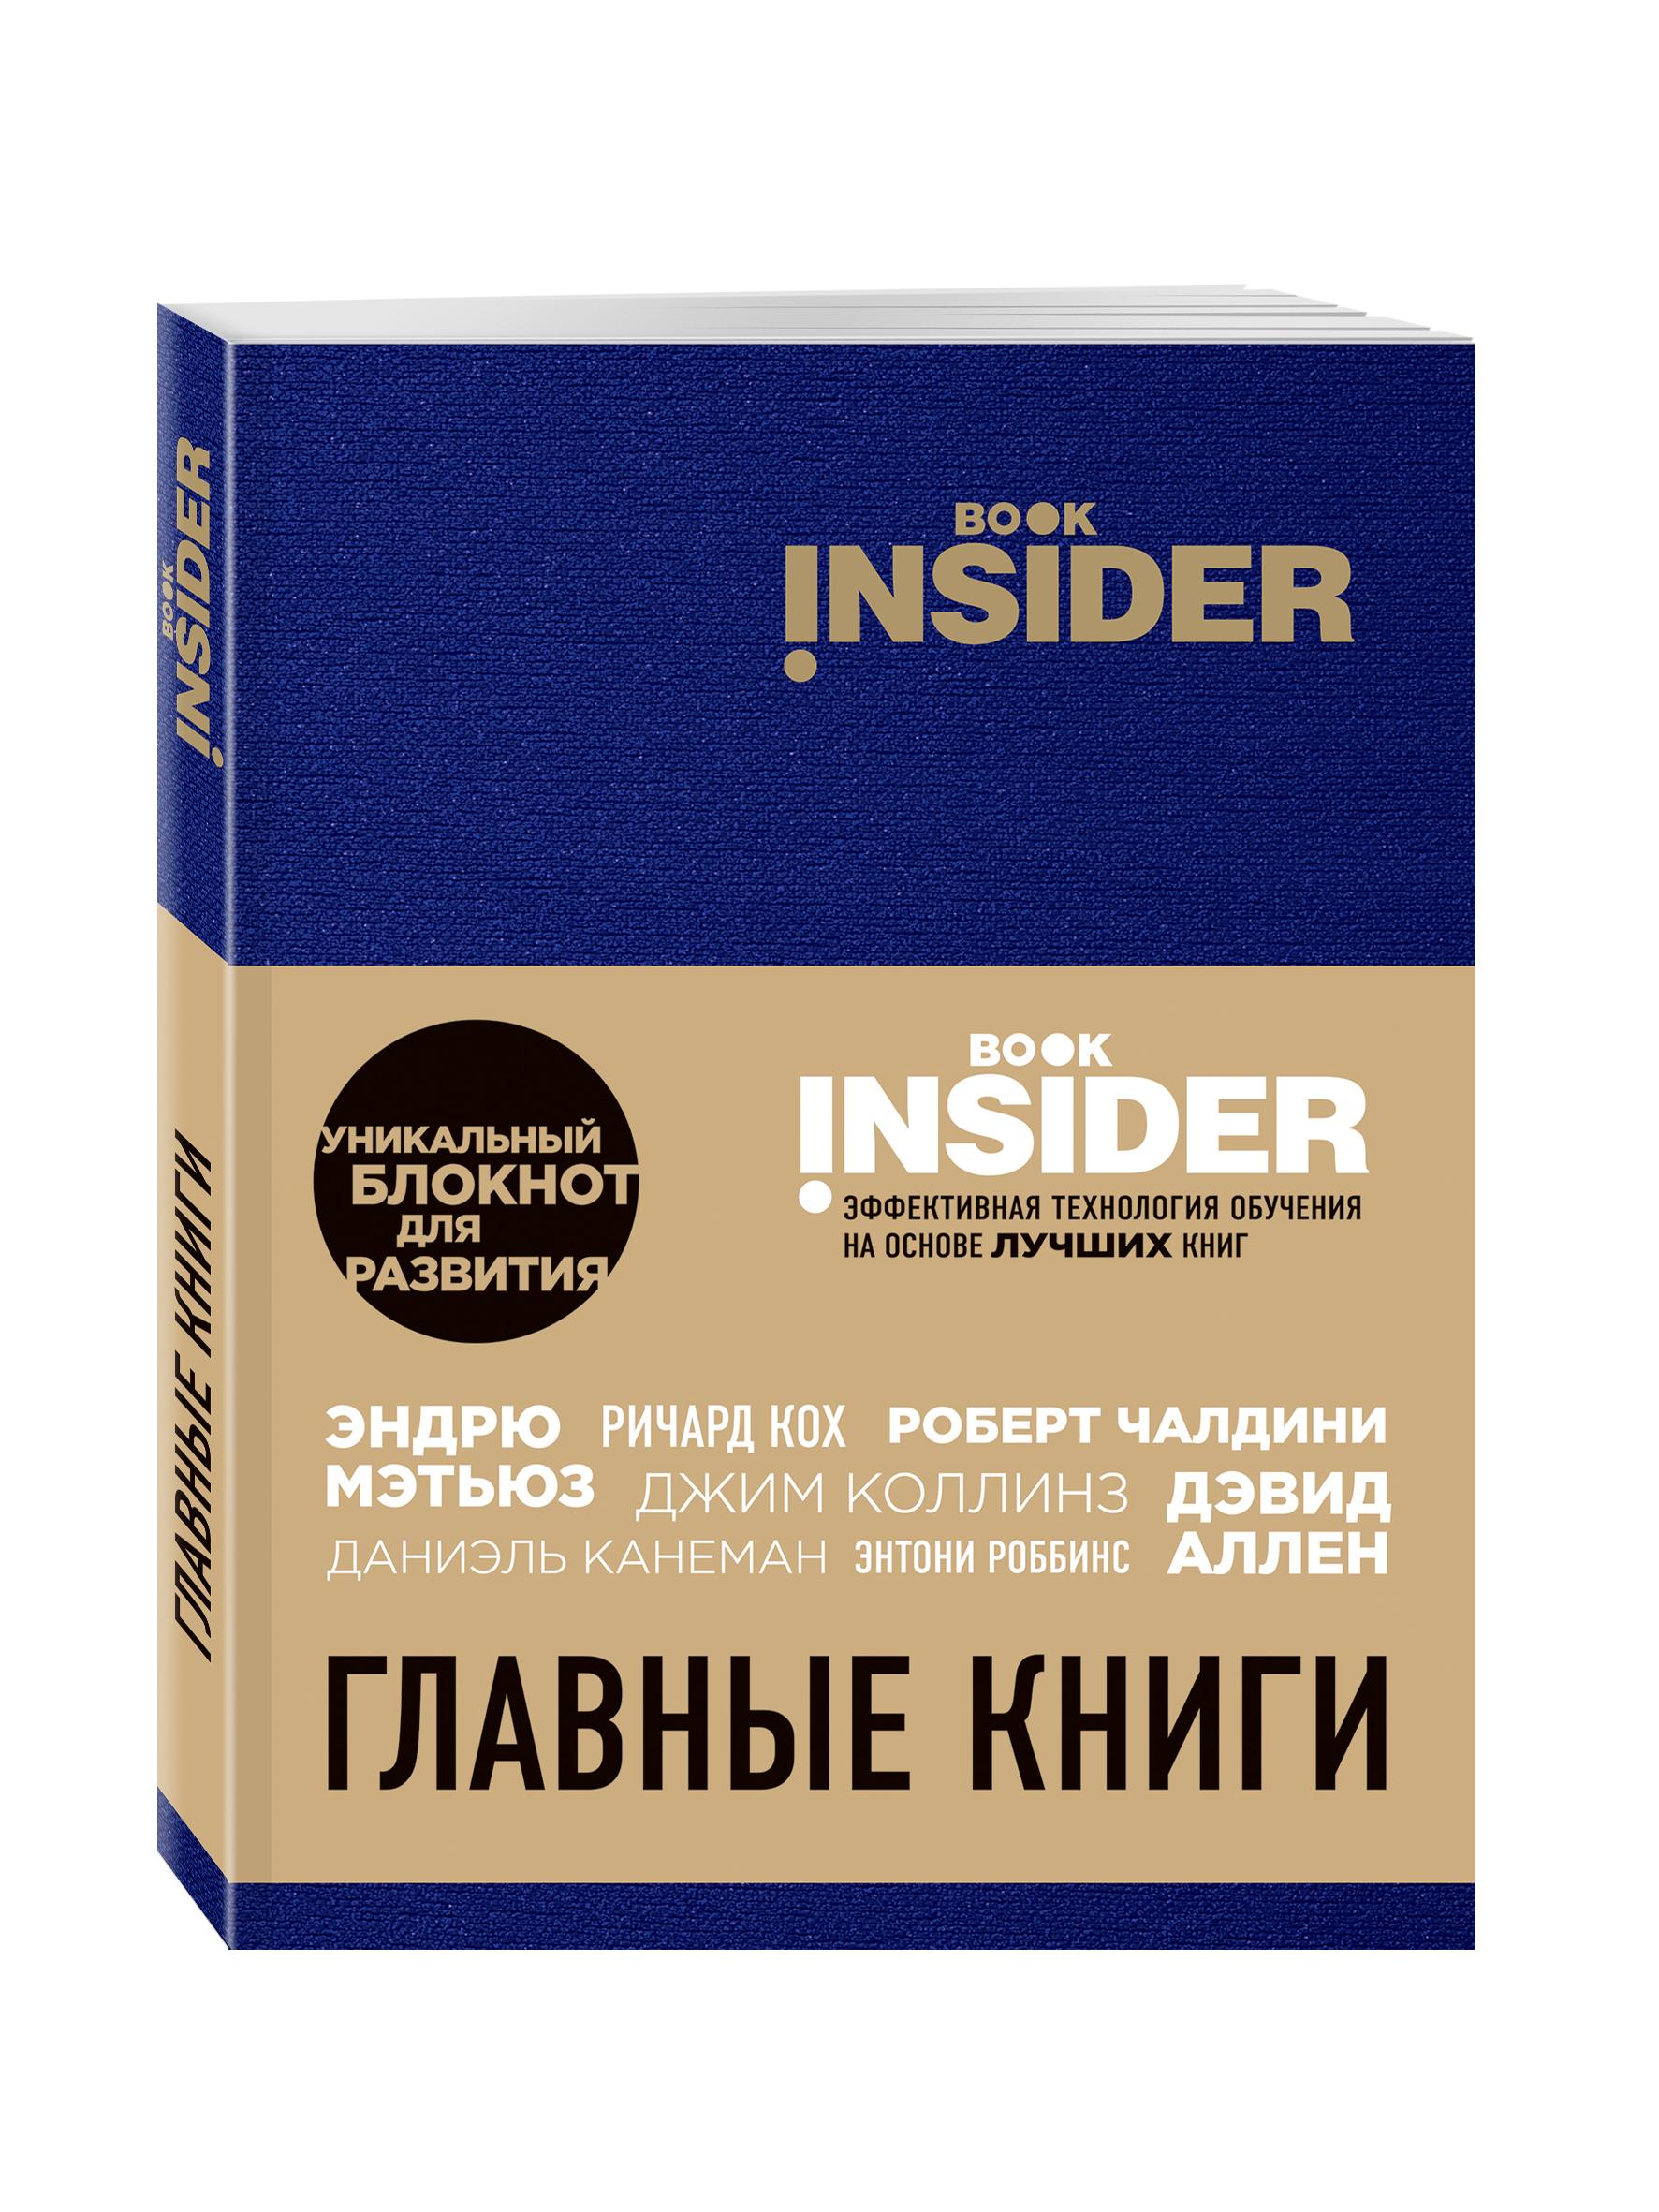 Ицхак Пинтосевич, Аветов Г.М. Book Insider. Главные книги (синий)